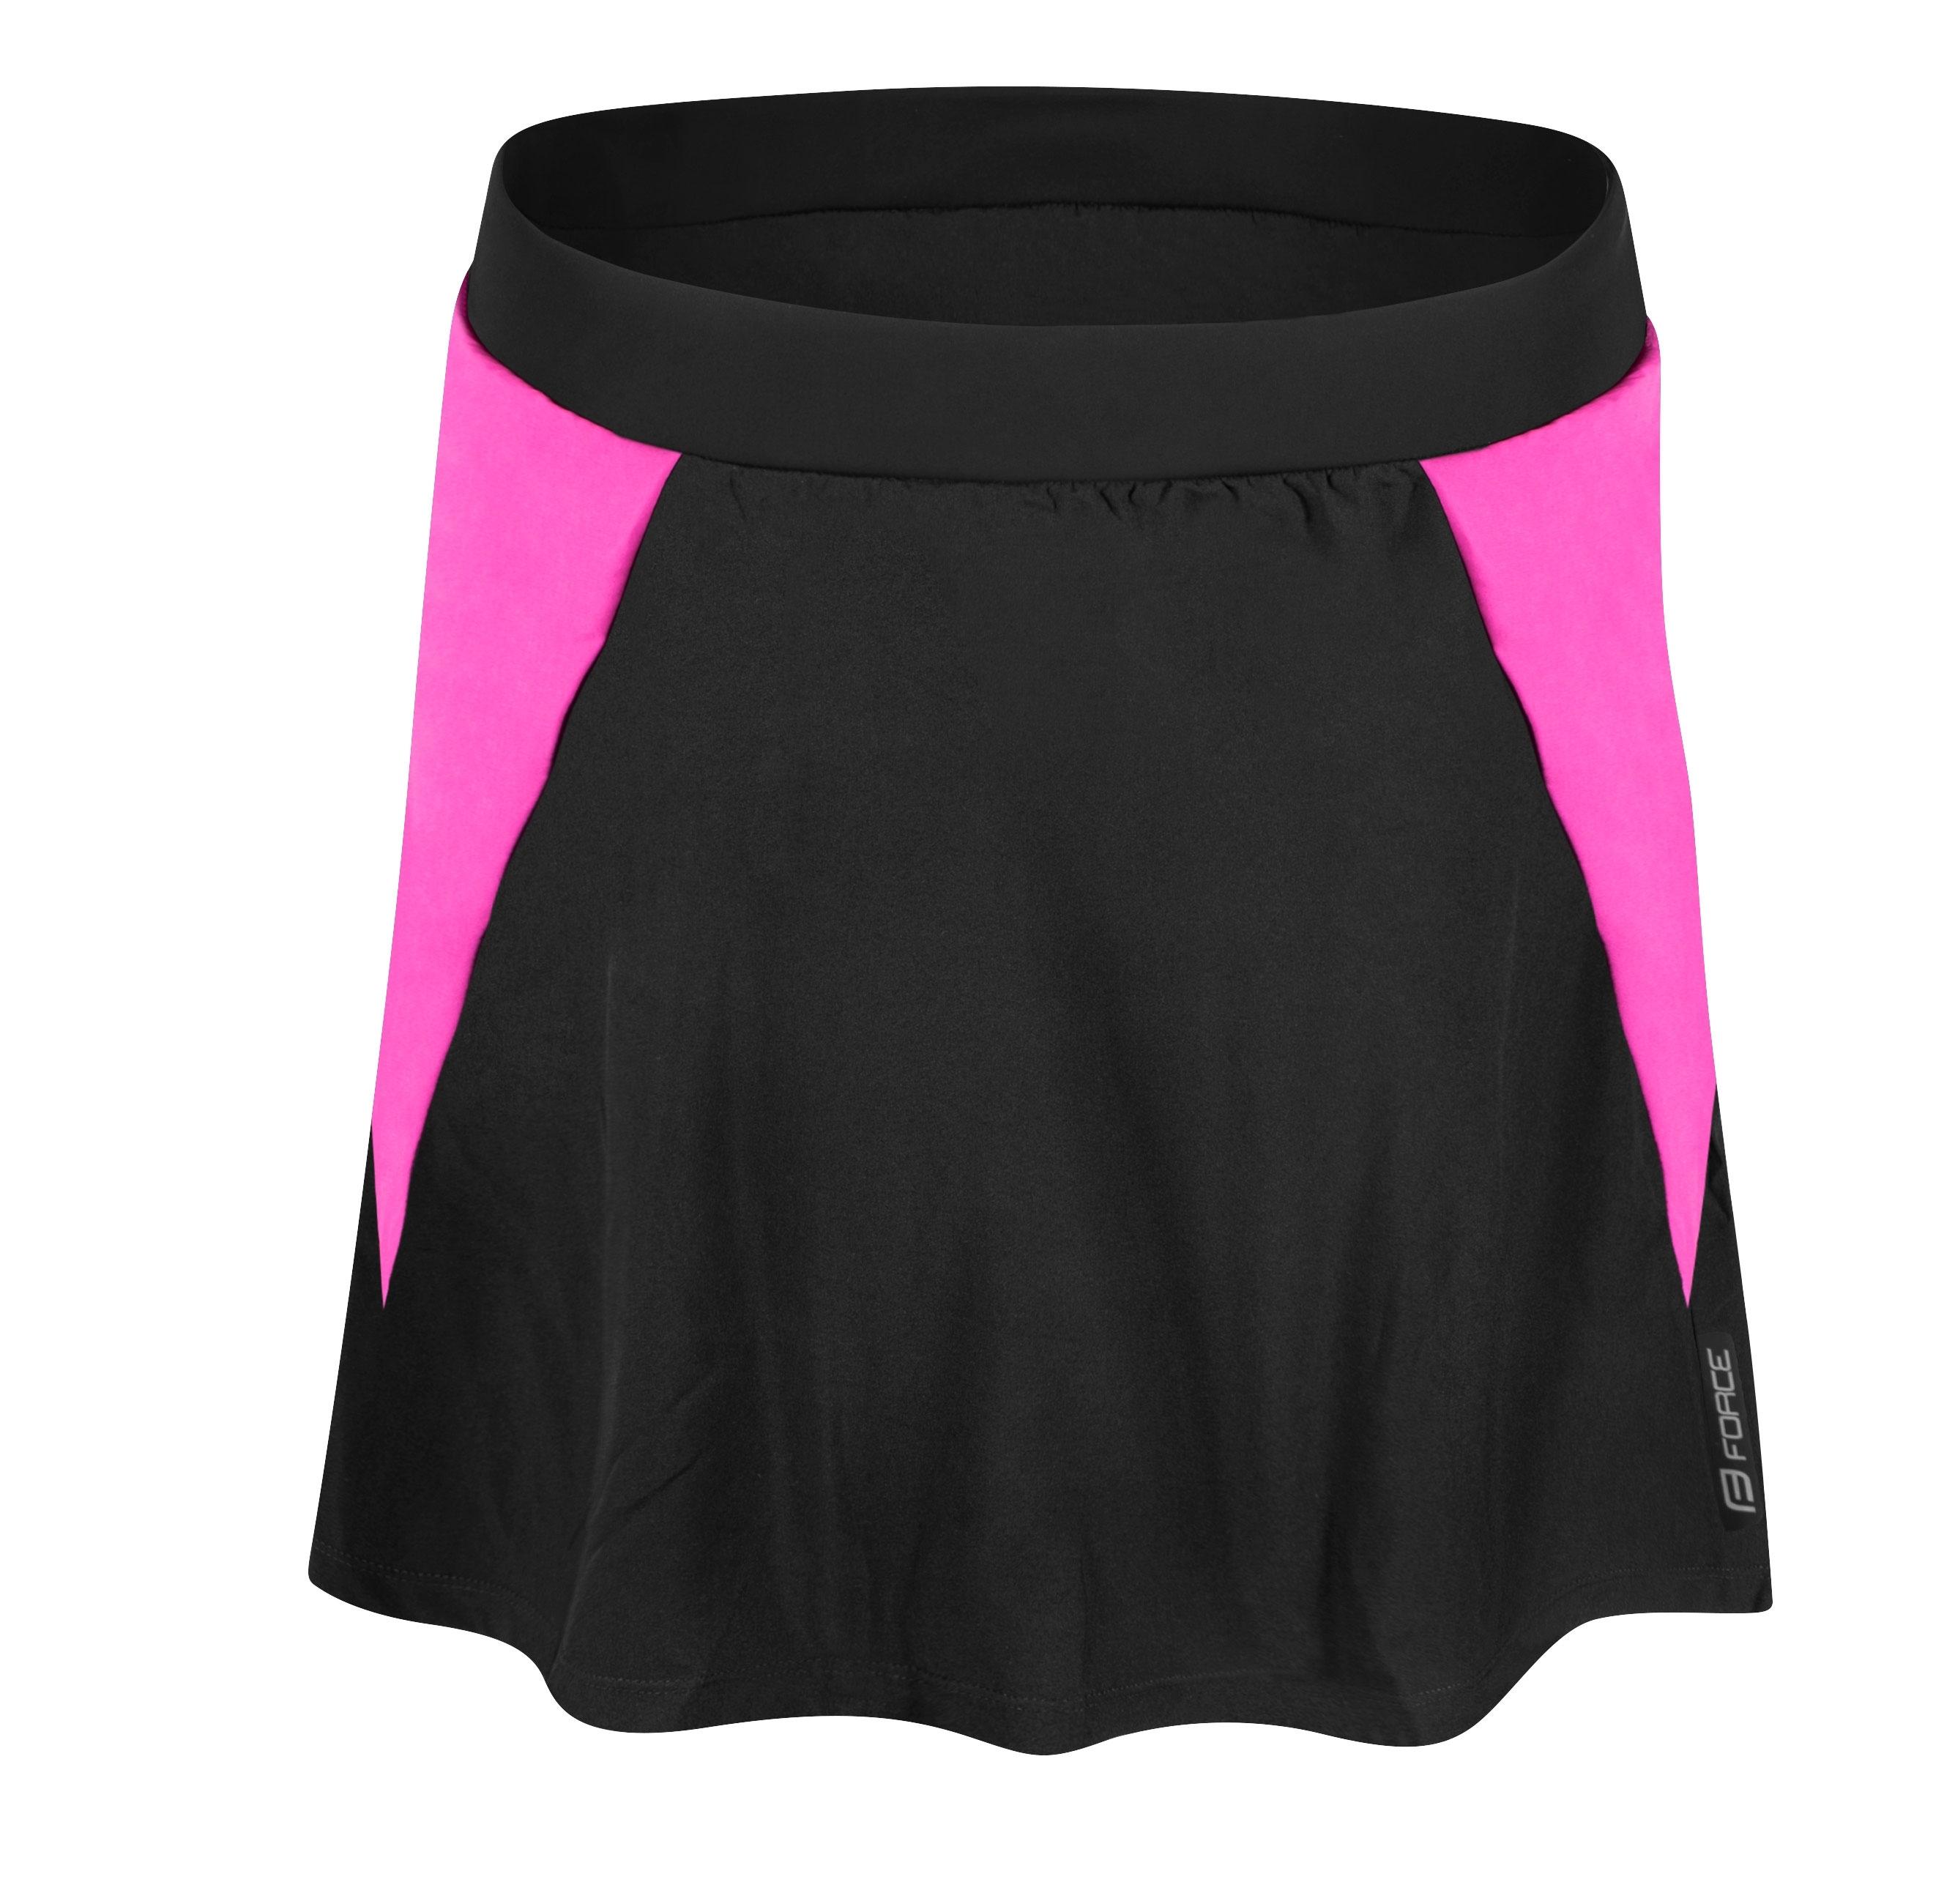 sukně FORCE DAISY s vložkou, černo-růžová M